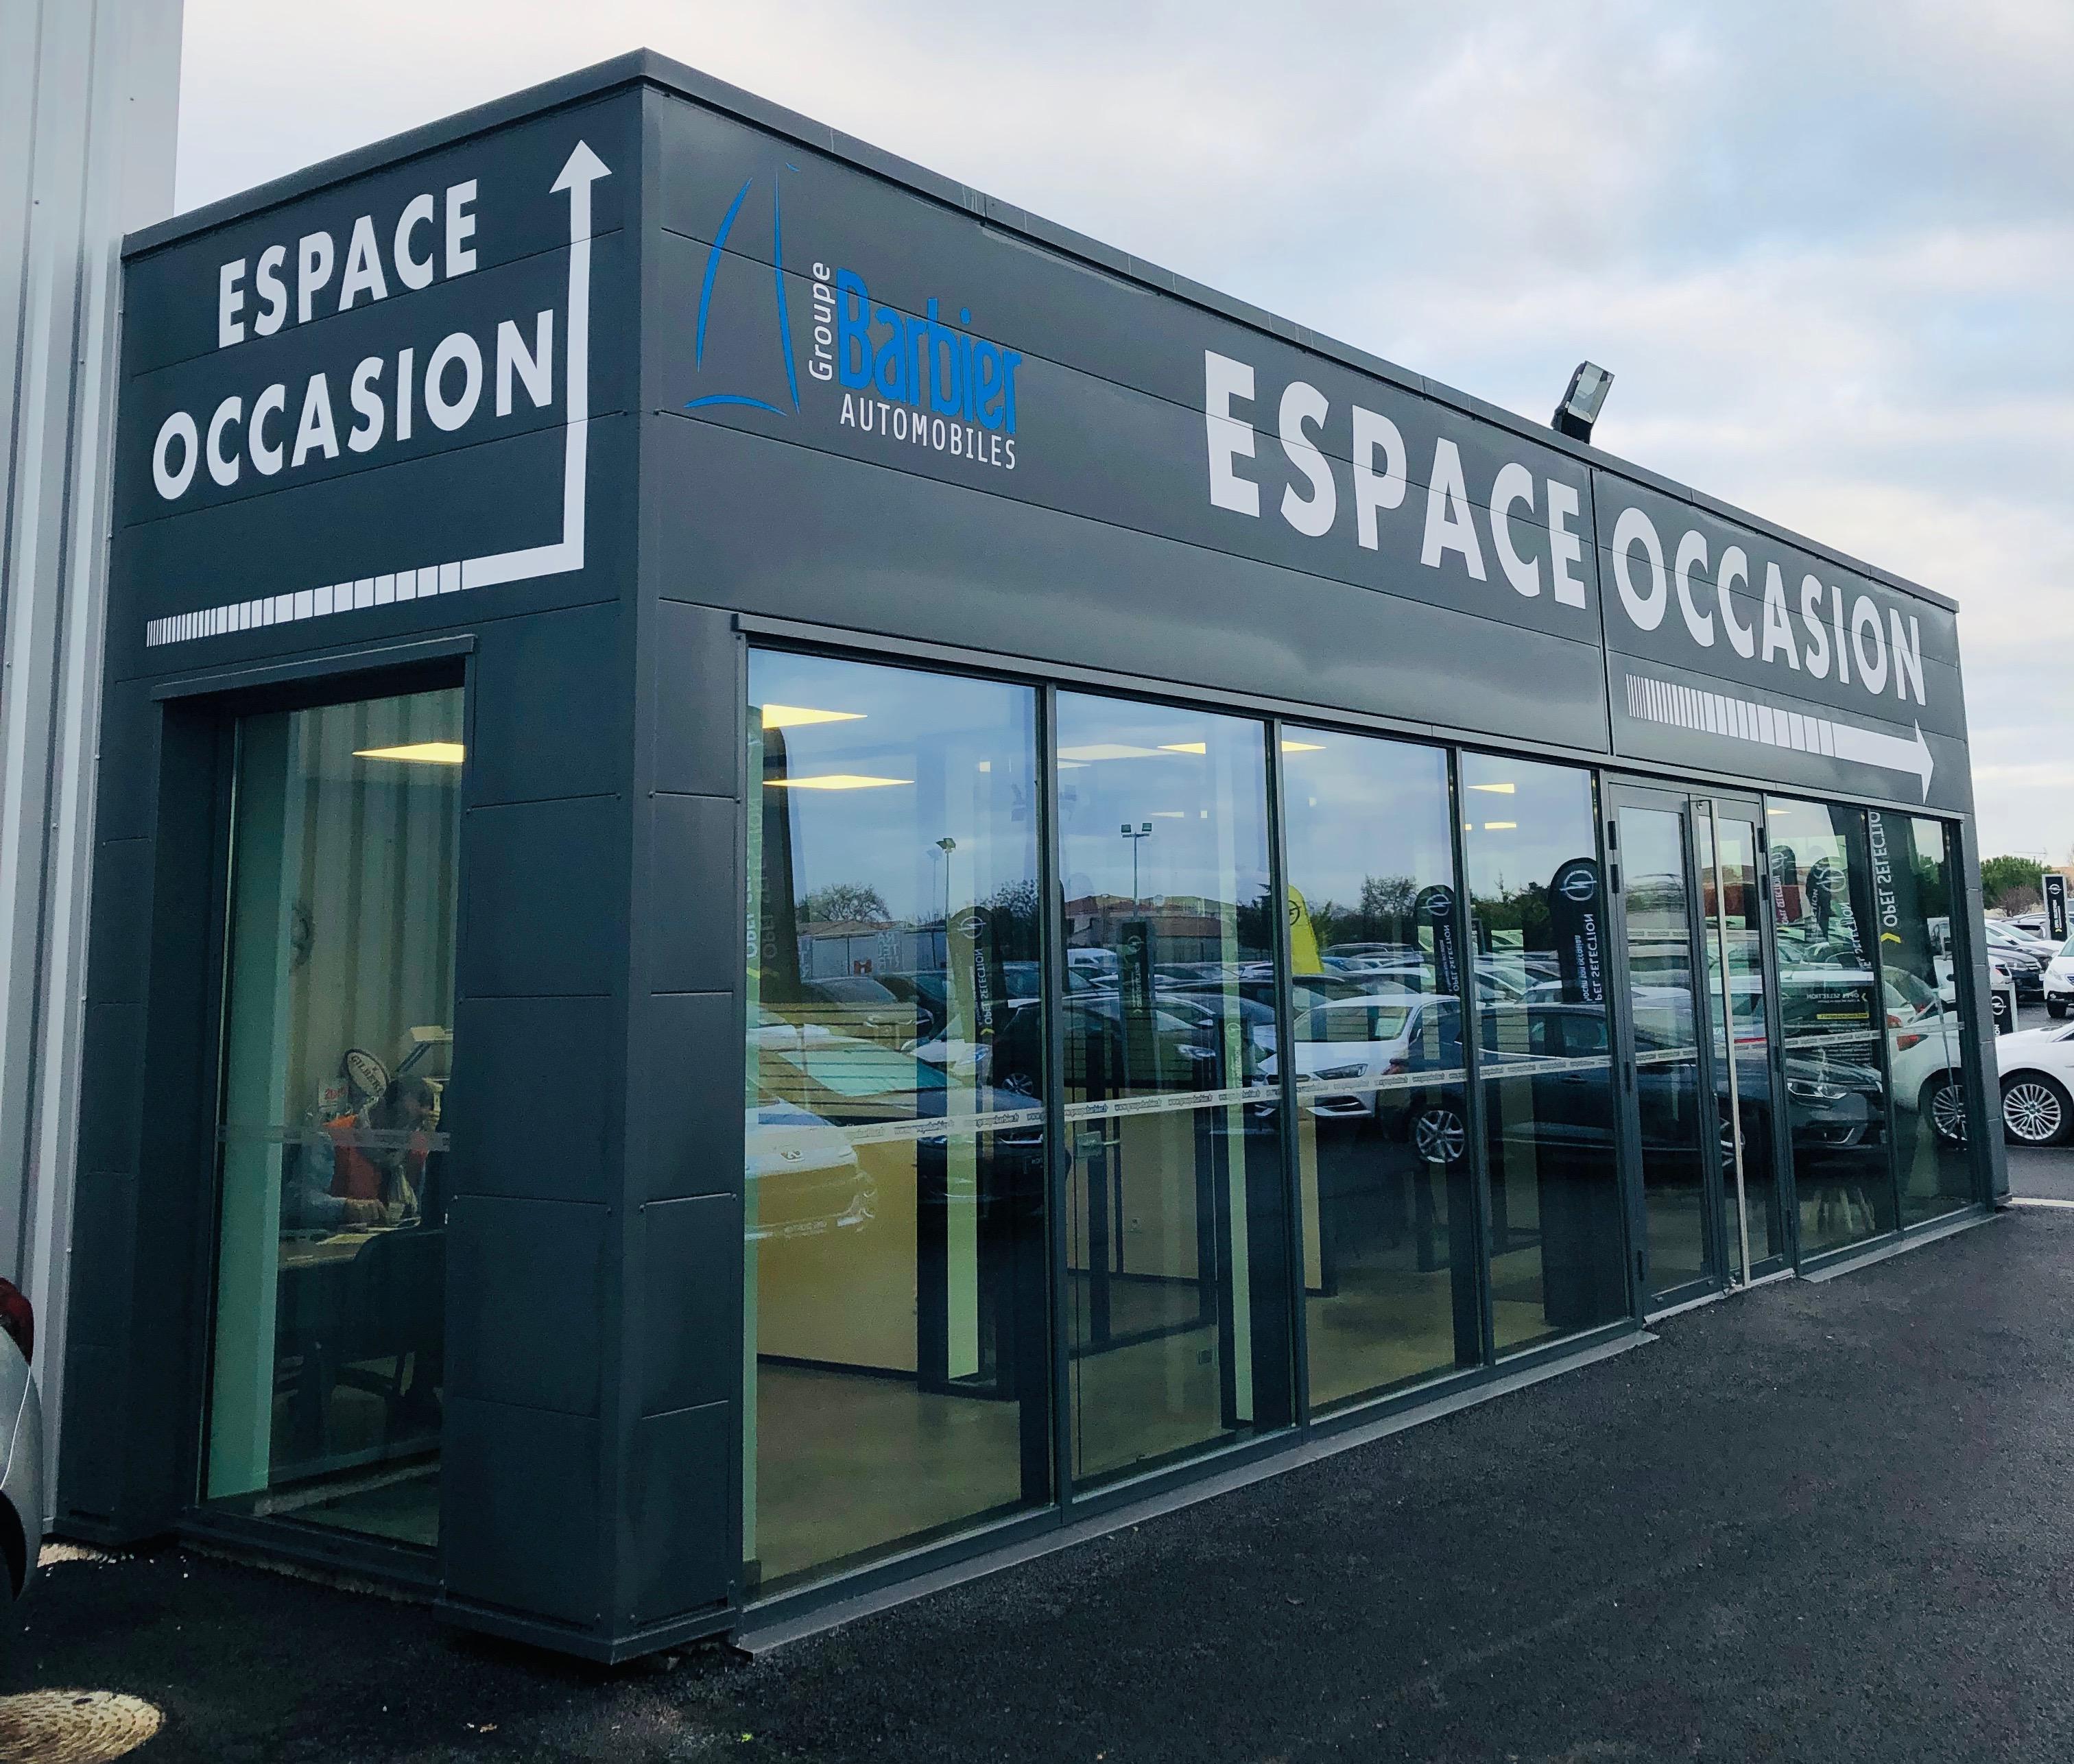 euro garage opel kia la rochelle concessionnaire opel. Black Bedroom Furniture Sets. Home Design Ideas